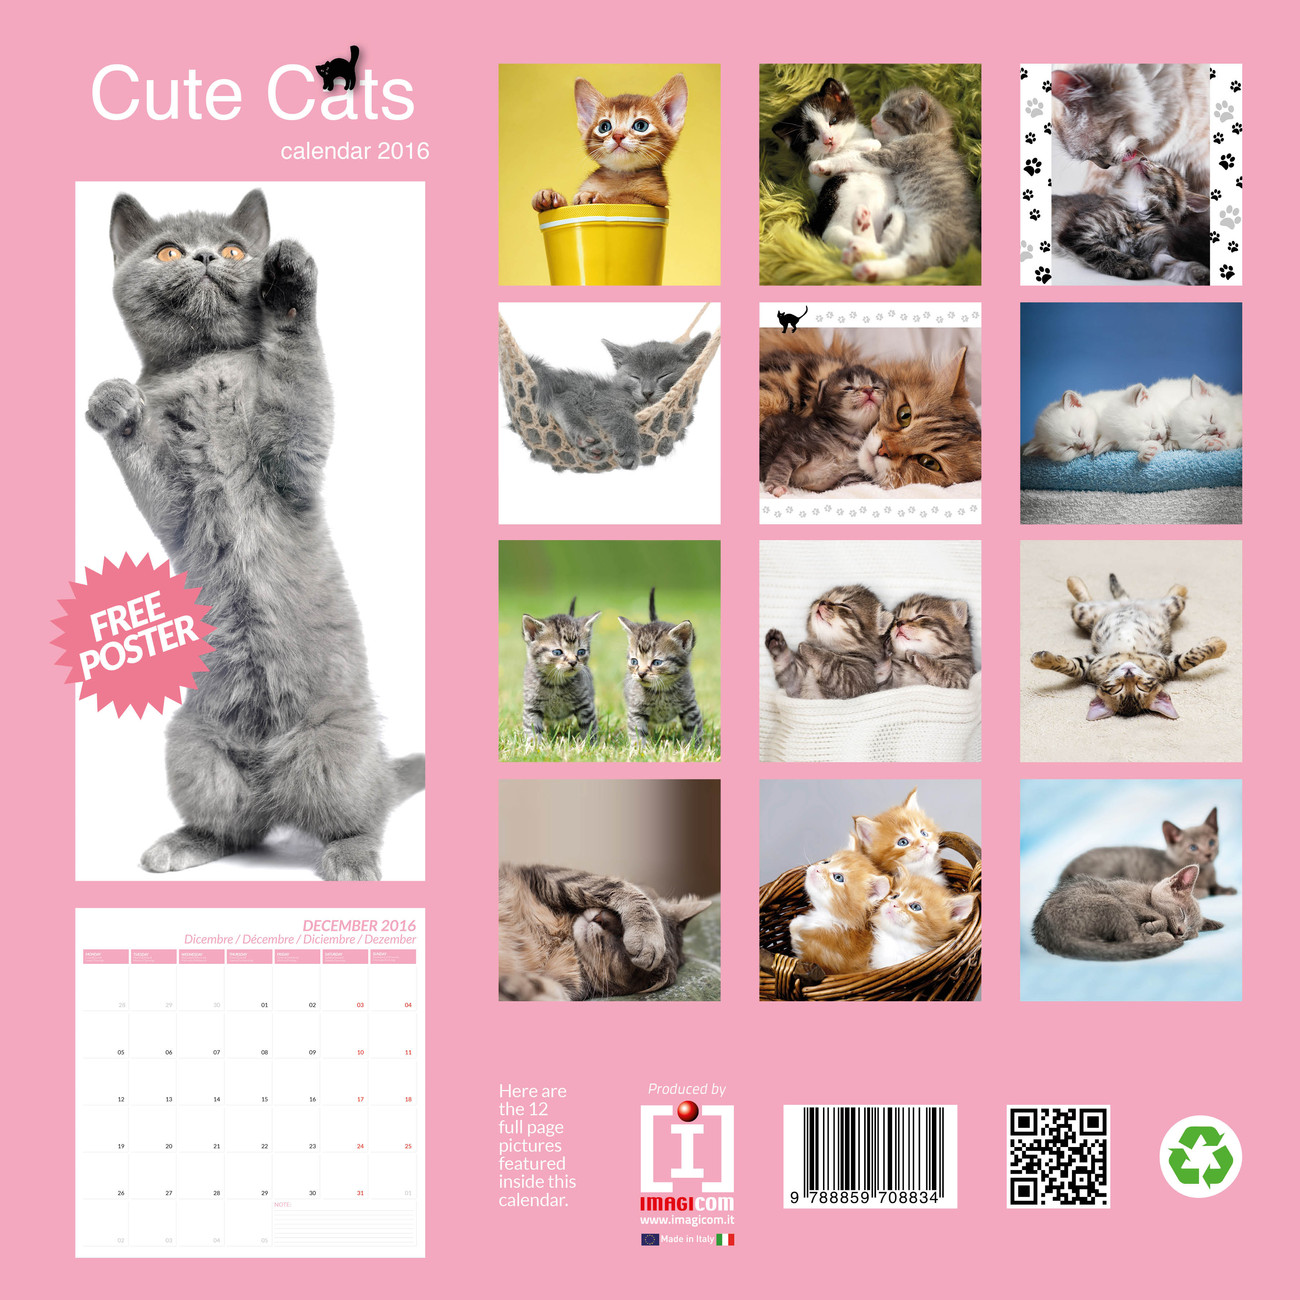 rachael hale naptár Cute Cats   Calendars 2019 on UKposters/EuroPosters rachael hale naptár